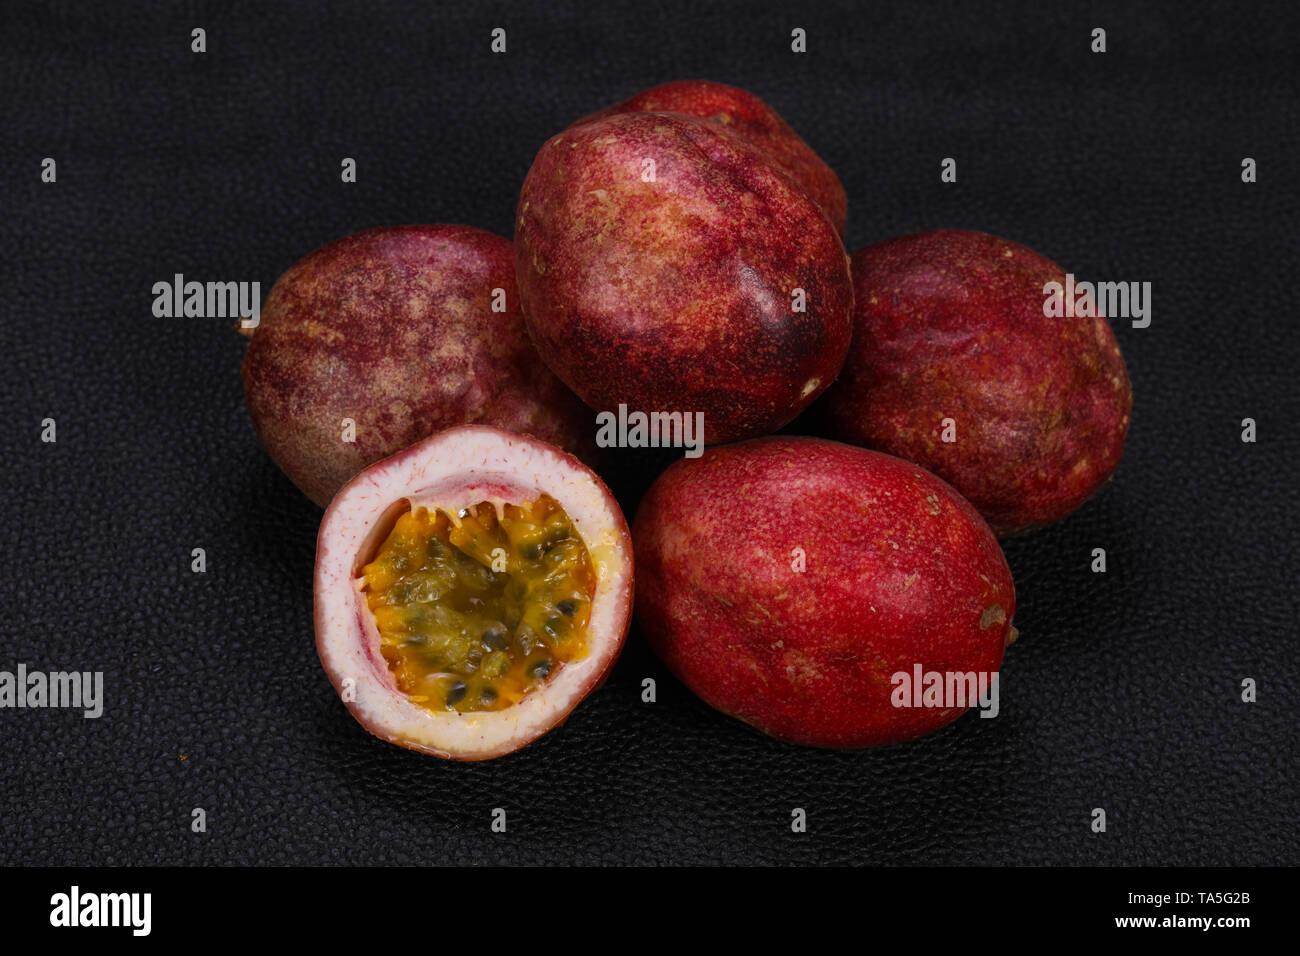 Delicous sweet exotic Passion Fruit Maracuya - Stock Image